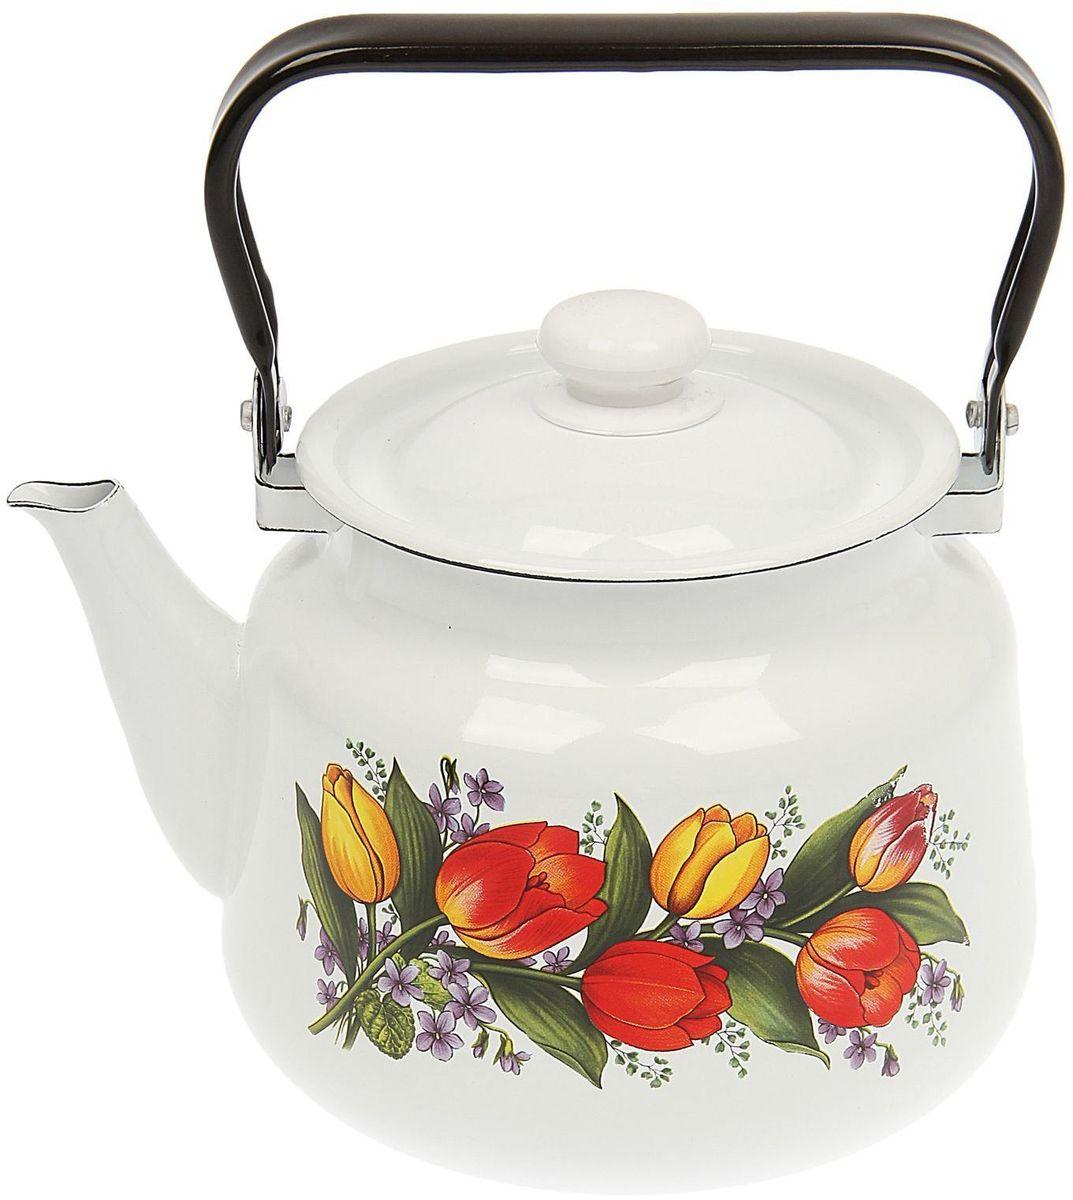 Чайник эмалированный Epos Весенний букет, 3,5 л. 14445041444504Чайник Epos Весенний букет выполнен из высококачественной стали с эмалированным покрытием. Поверхность чайникагладкая, что облегчает уход за ним. Большой объемпозволит приготовить напиток для всей семьи илинебольшой компании. Эстетичный и функциональный чайник будеторигинально смотреться в любом интерьере. Душевная атмосфера и со вкусом накрытый стол всегда будут собирать в вашем доме близких и друзей.Чайник подходит для использования на всех типах плит,включая индукционные. Объем: 3,5 л.